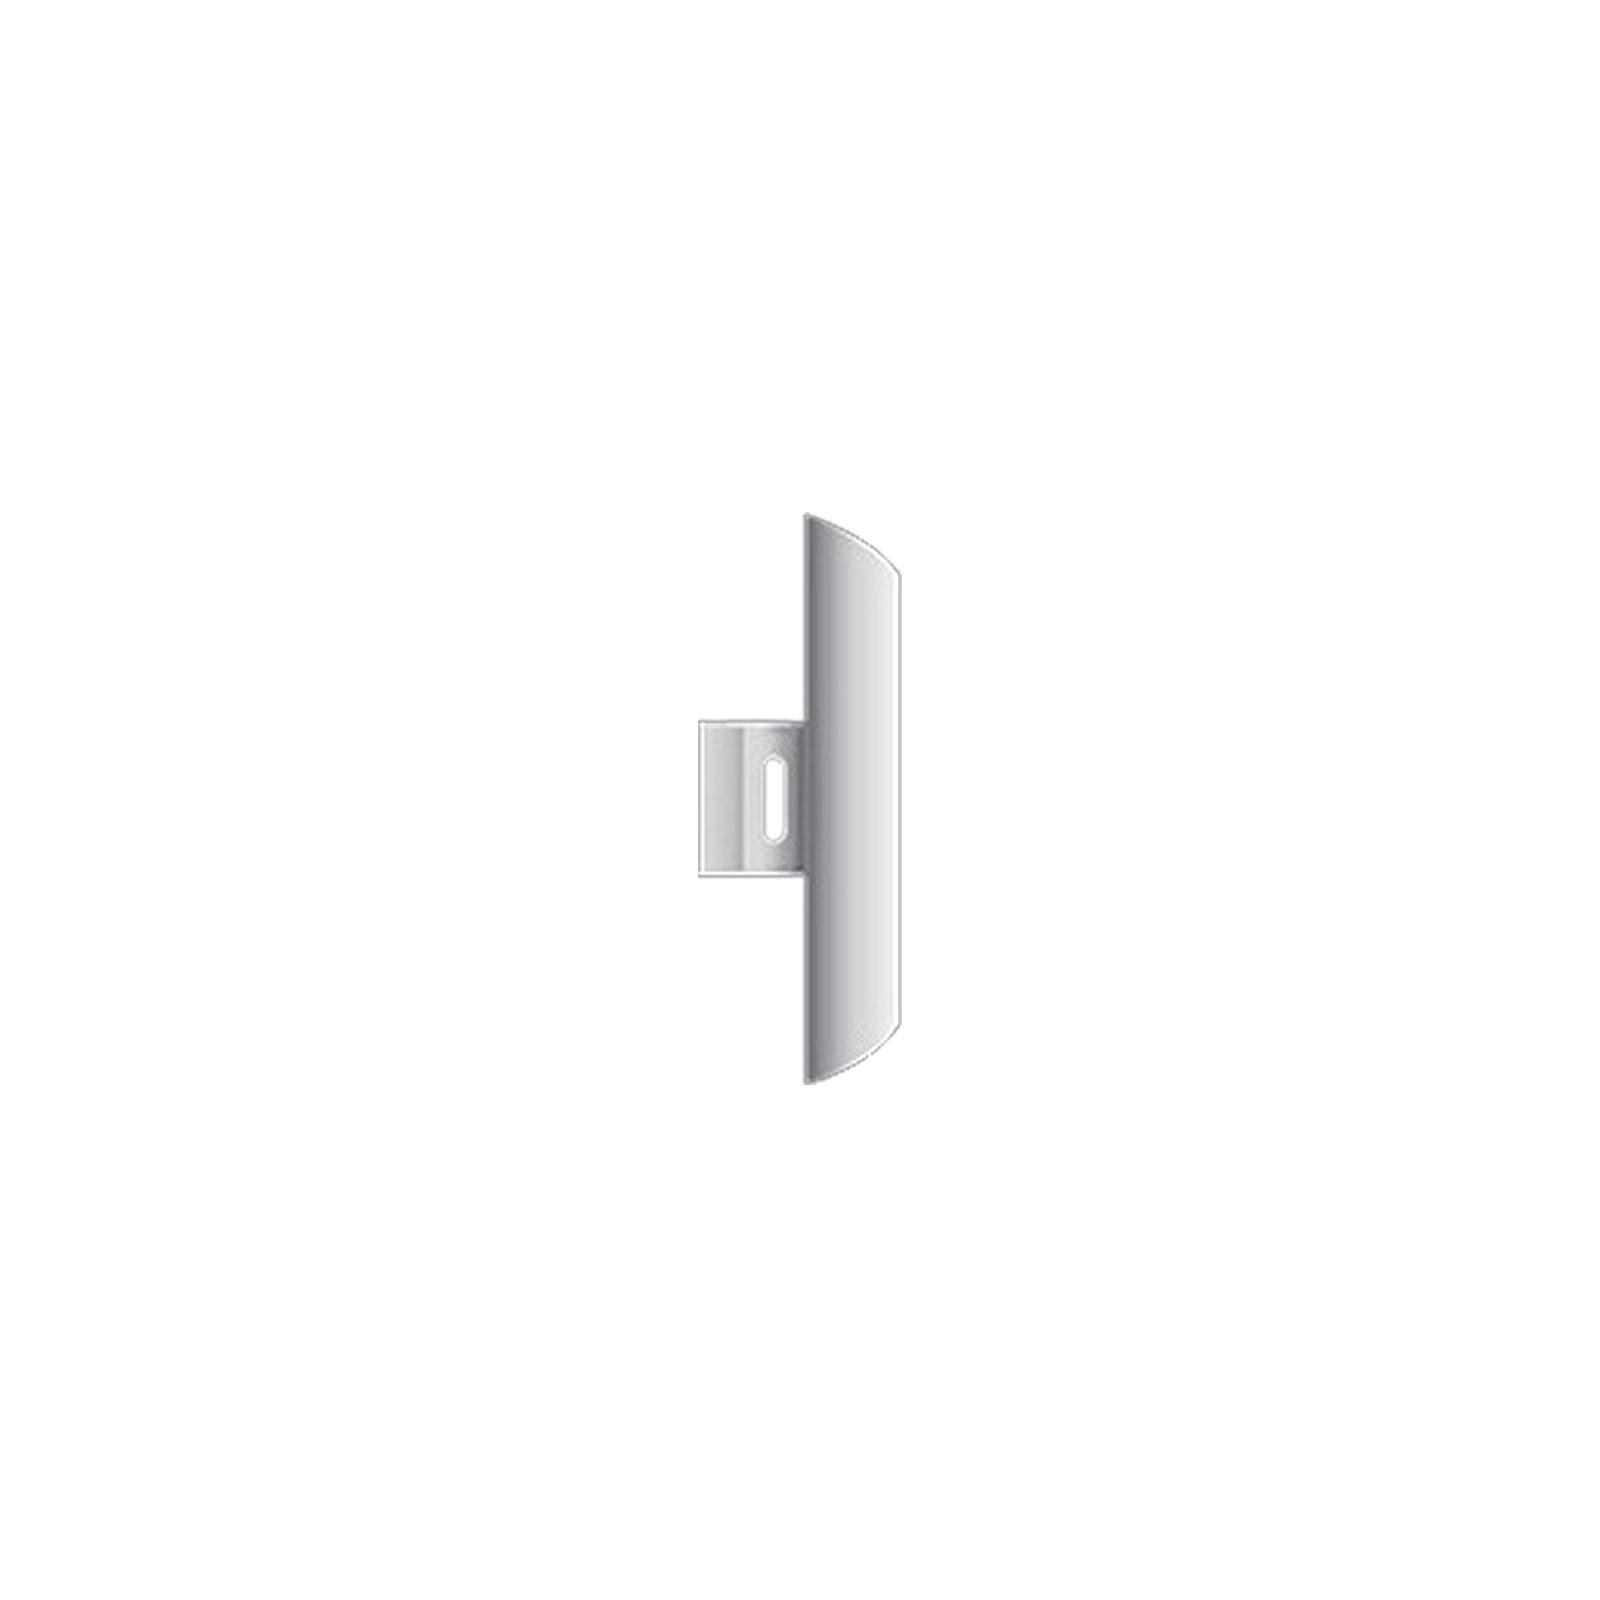 Точка доступа Wi-Fi Ubiquiti LOCO M5 изображение 4